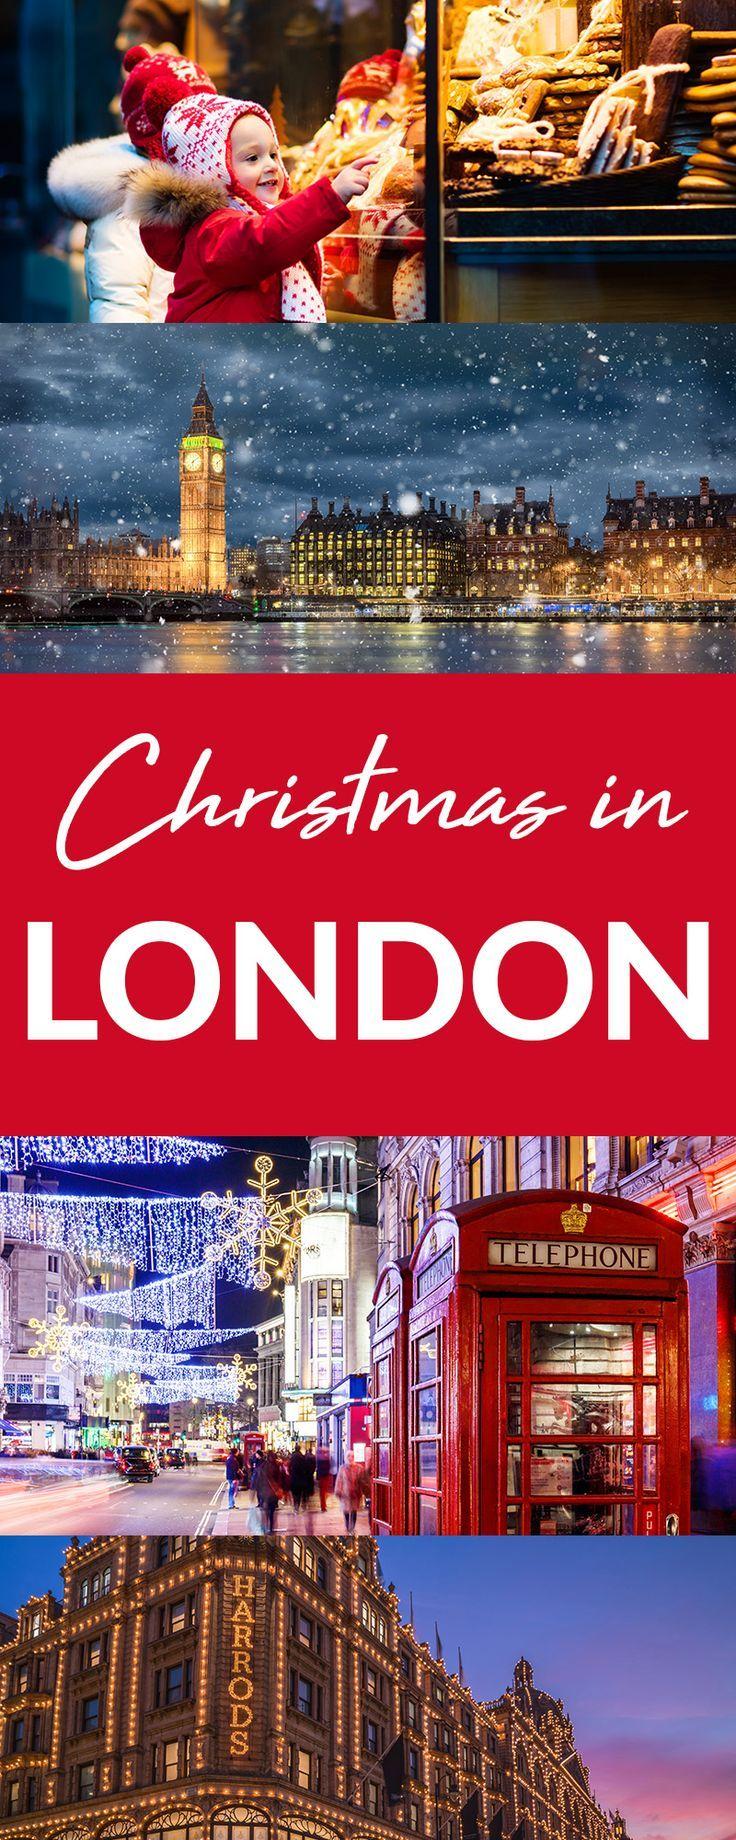 LONDON CHRISTMAS MAGIC!  #london #christmas